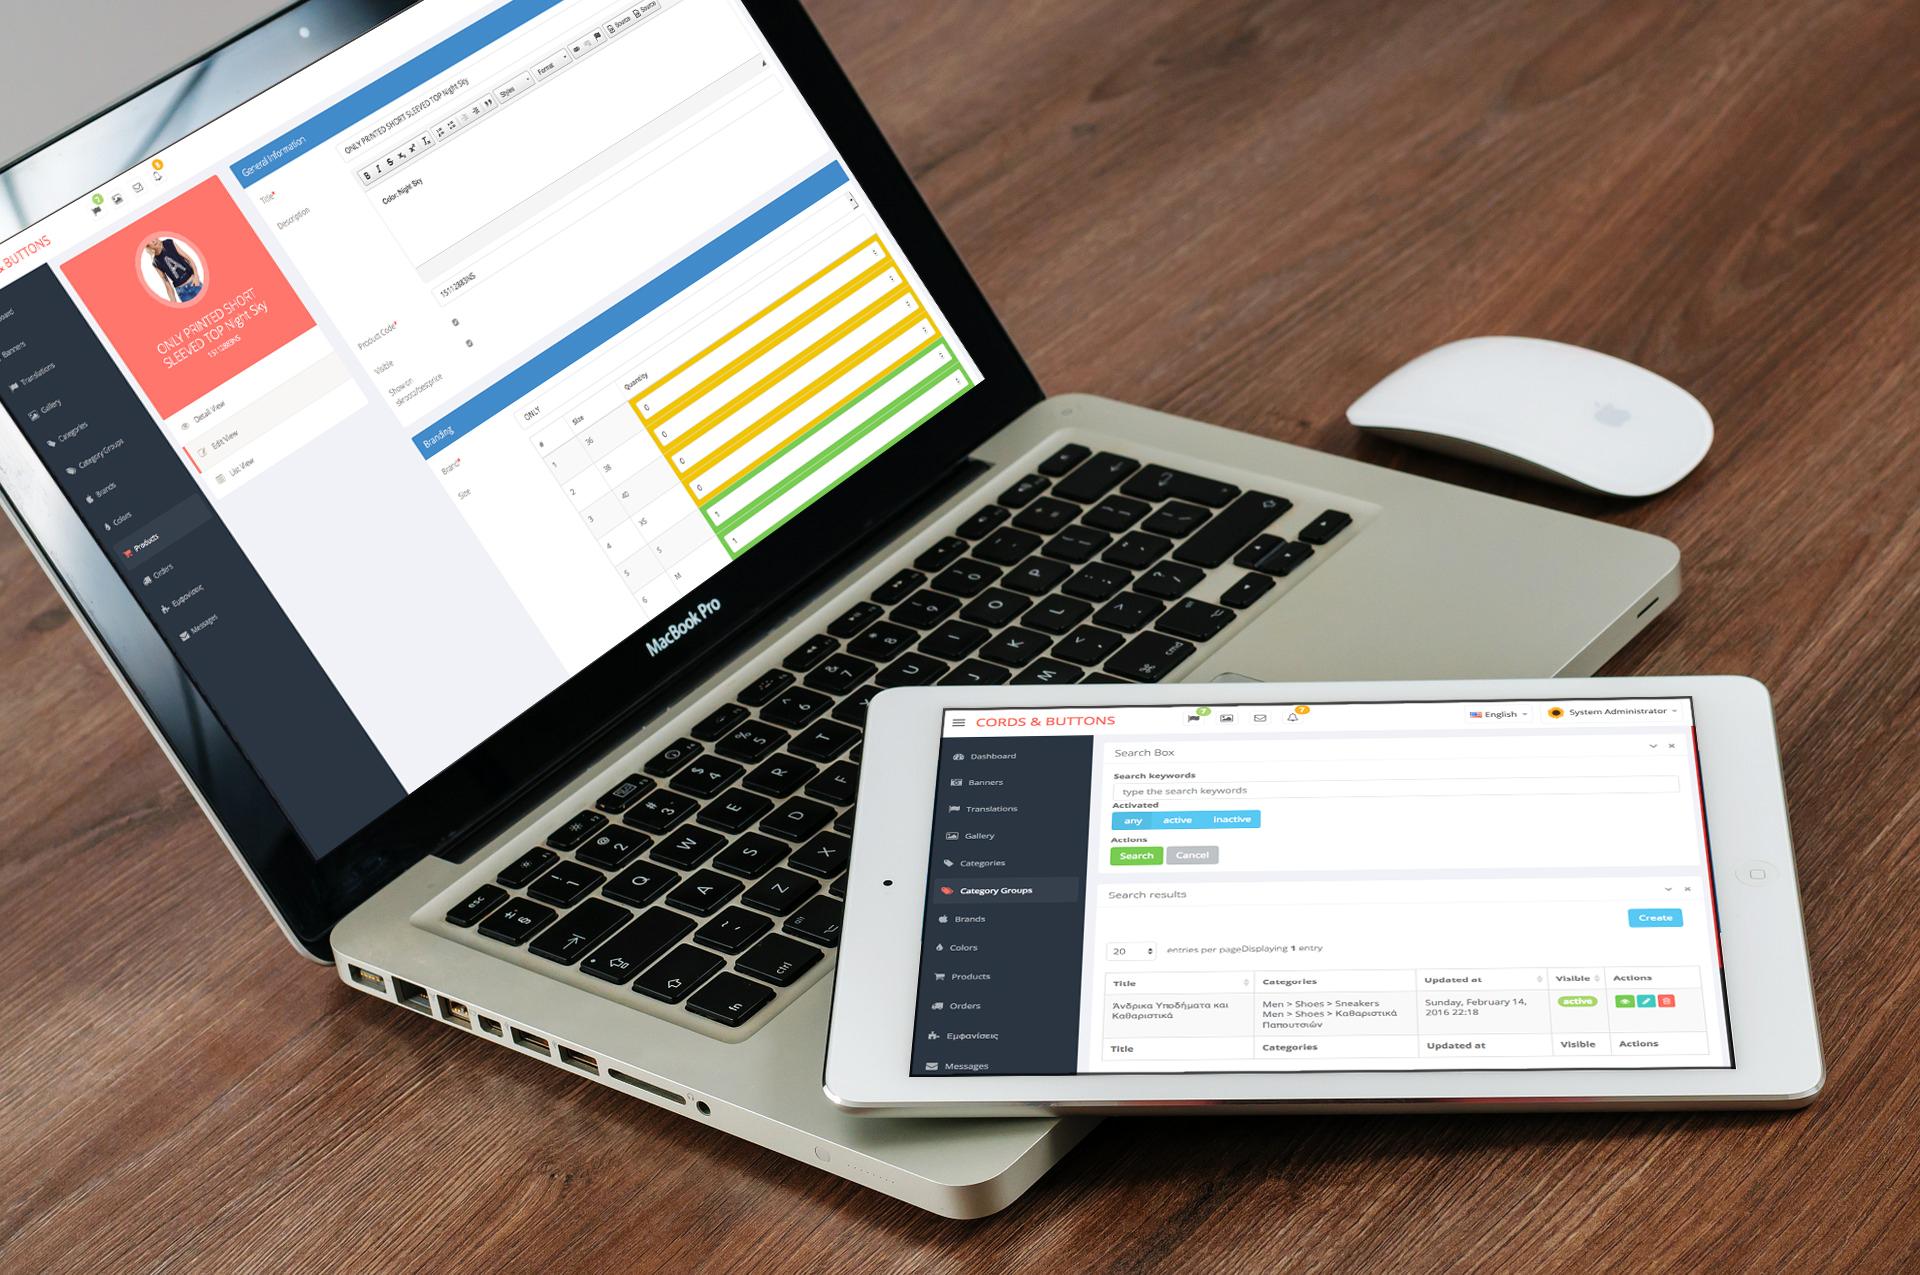 Dashboard macbook ipad